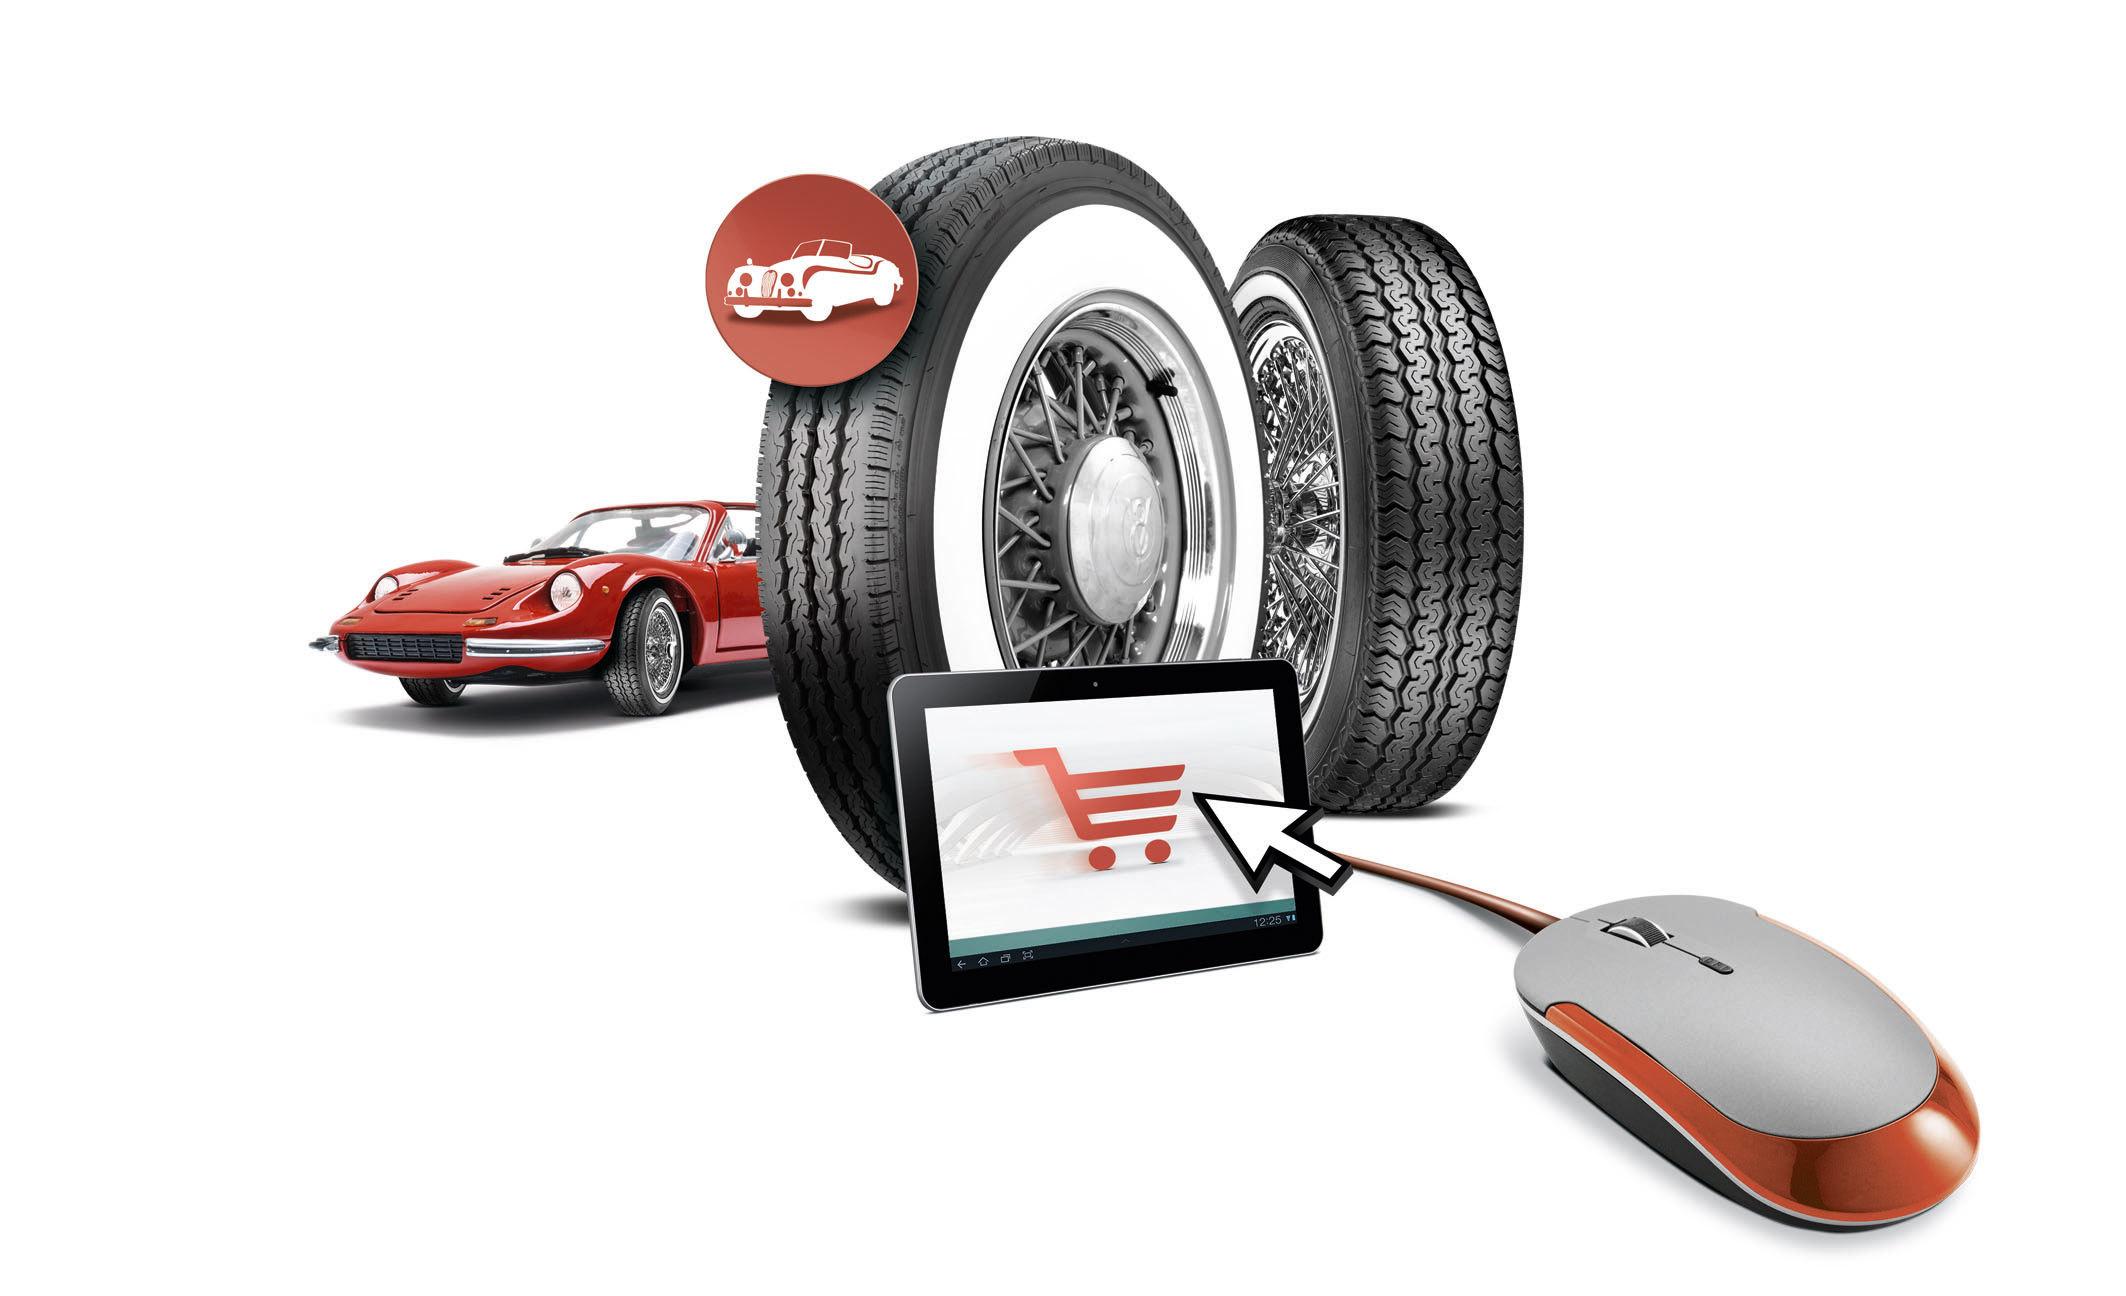 Bei Autoreifenonline.de finden Händler und Werkstätten einfach und schnell Reifen für Youngtimer